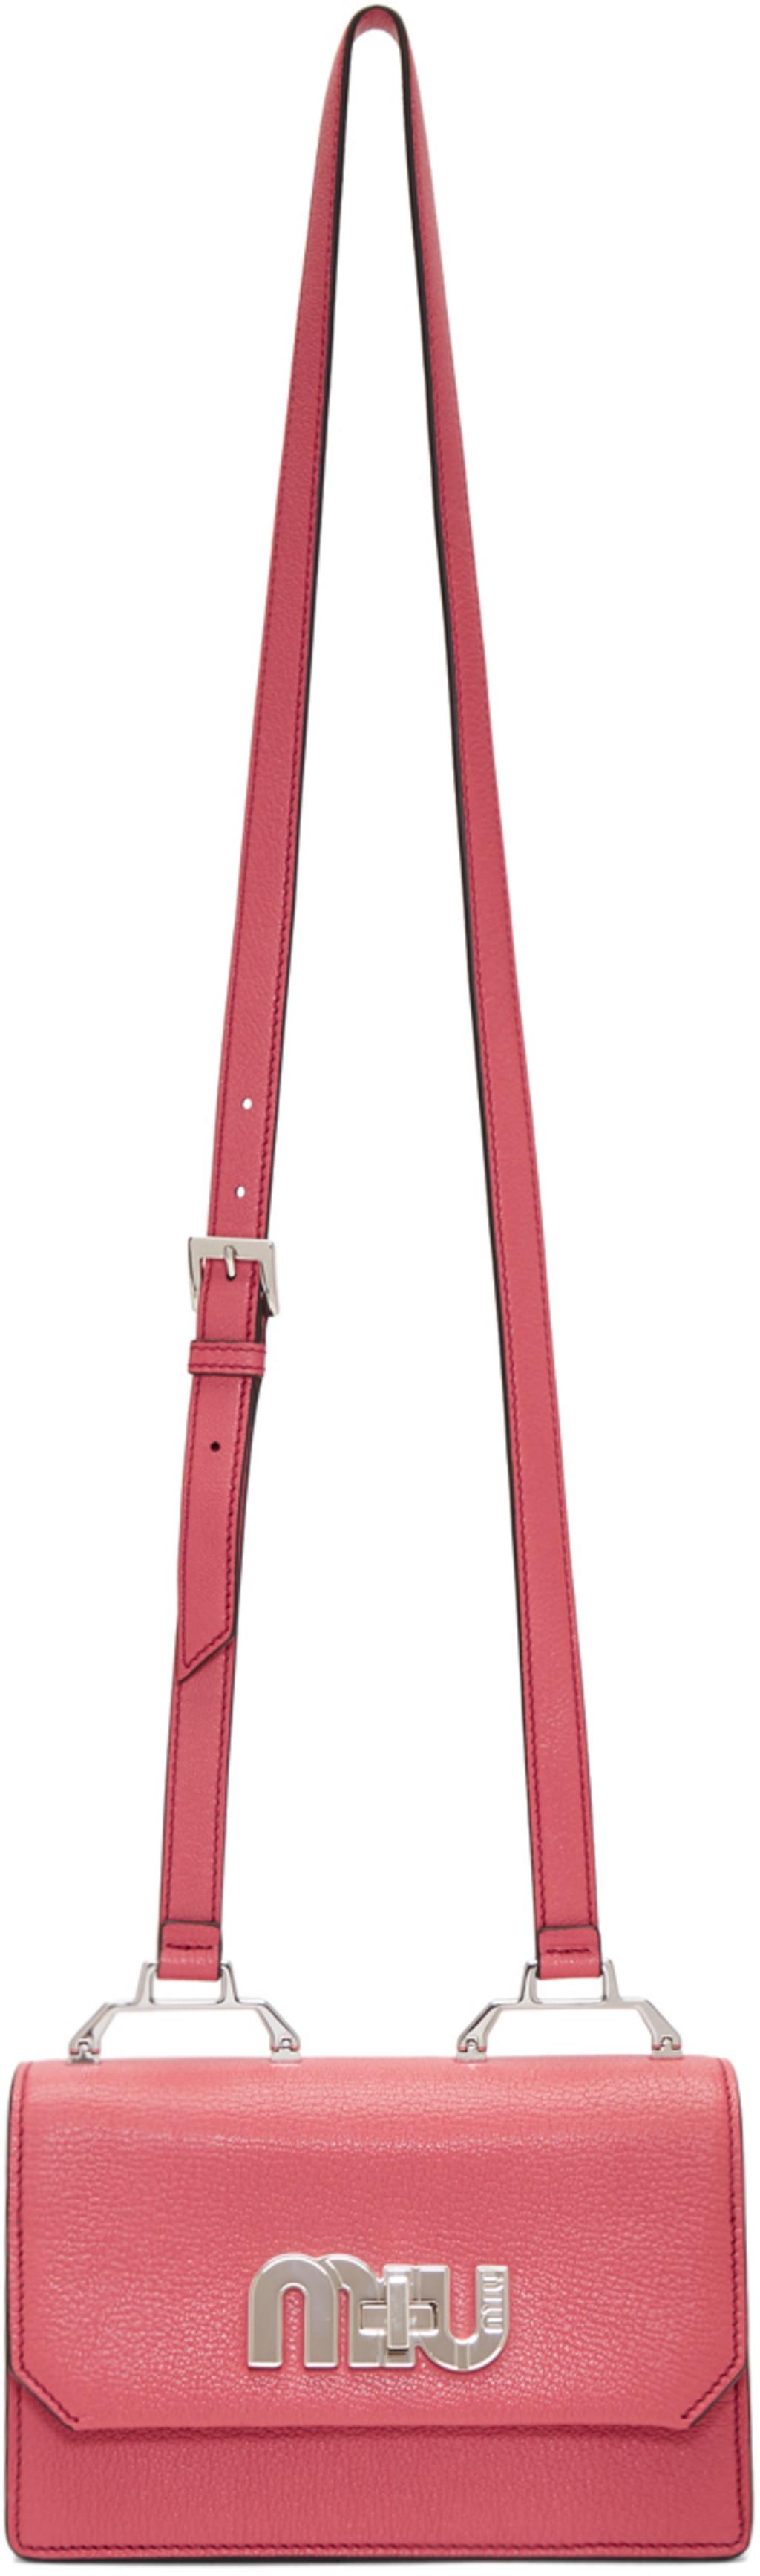 Miu Miu Mini Bow Bag Price